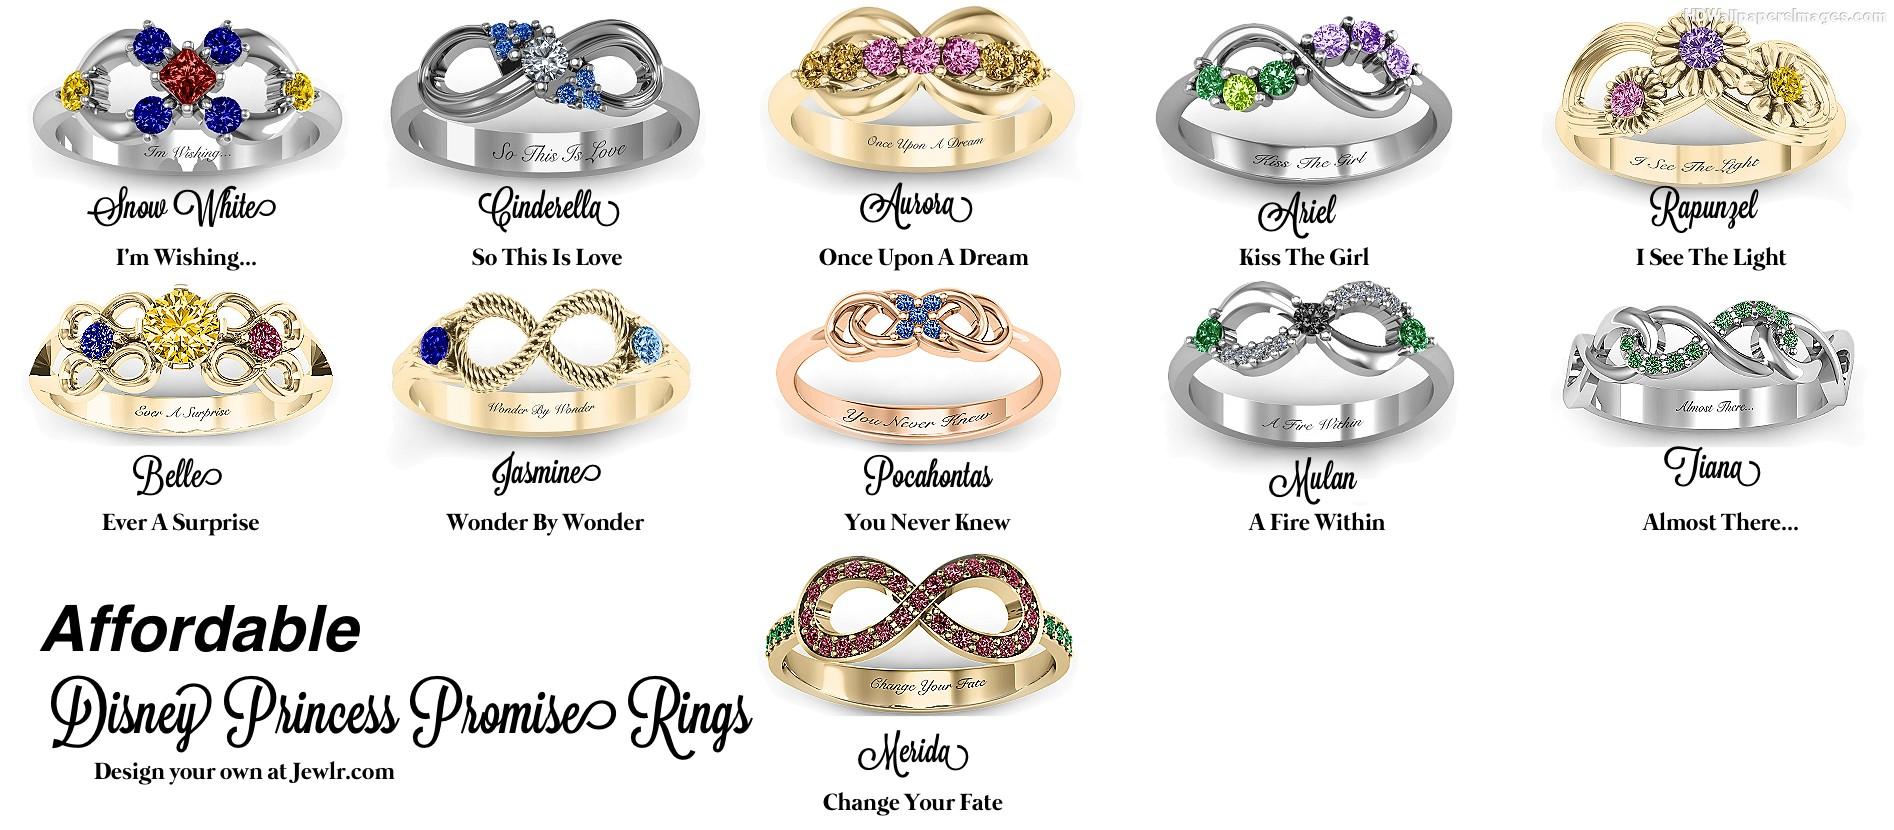 Princess Engagement Rings Disney